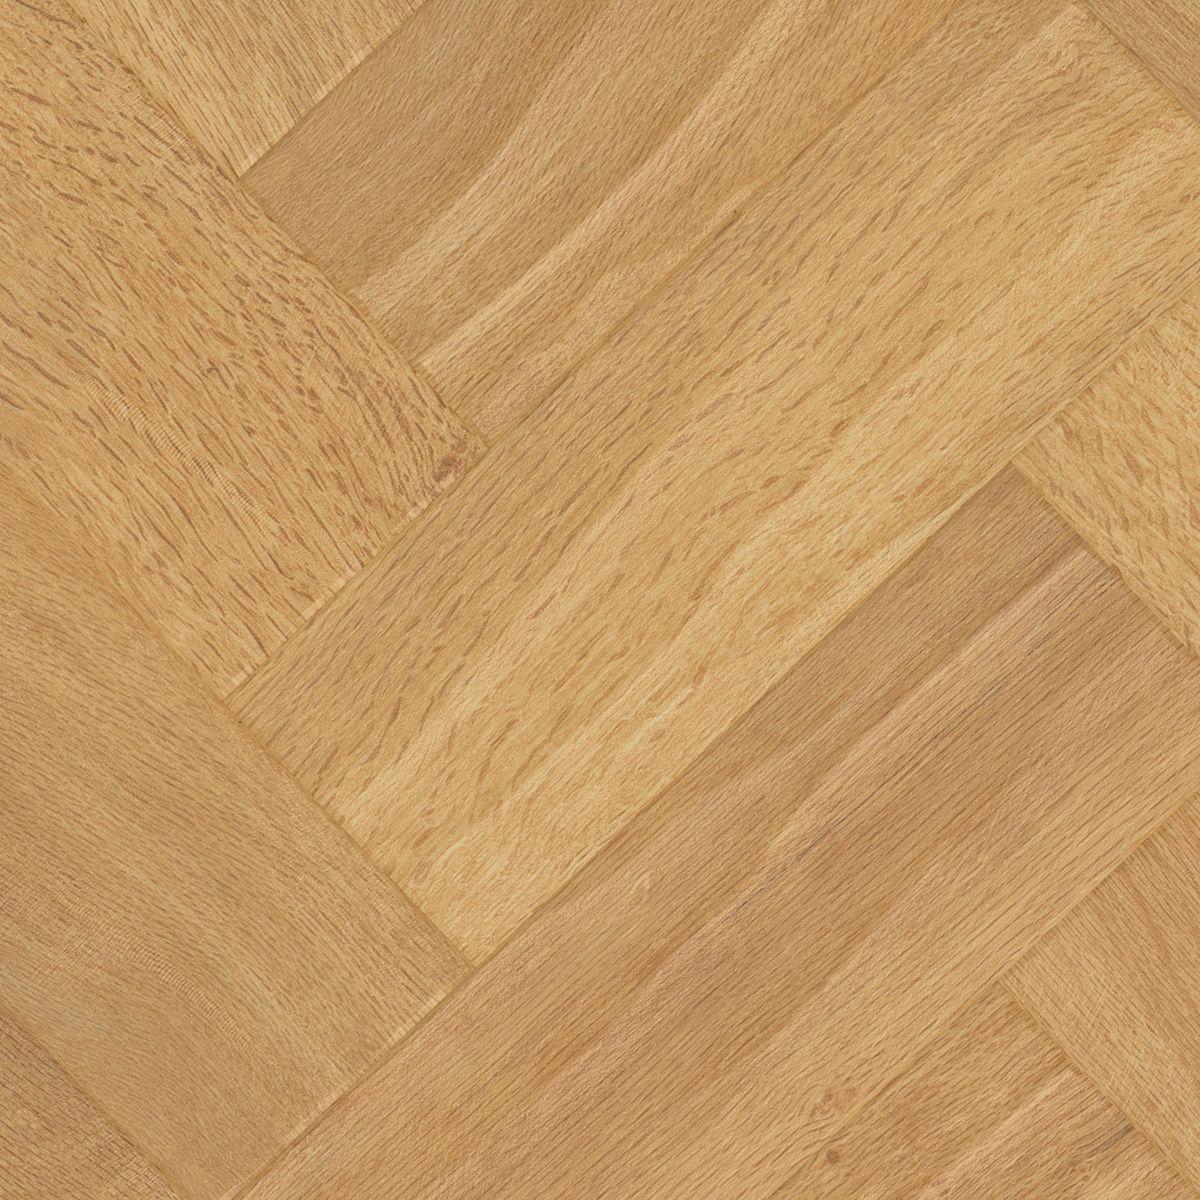 karndean art select blond oak ap01 vinyl flooring. Black Bedroom Furniture Sets. Home Design Ideas